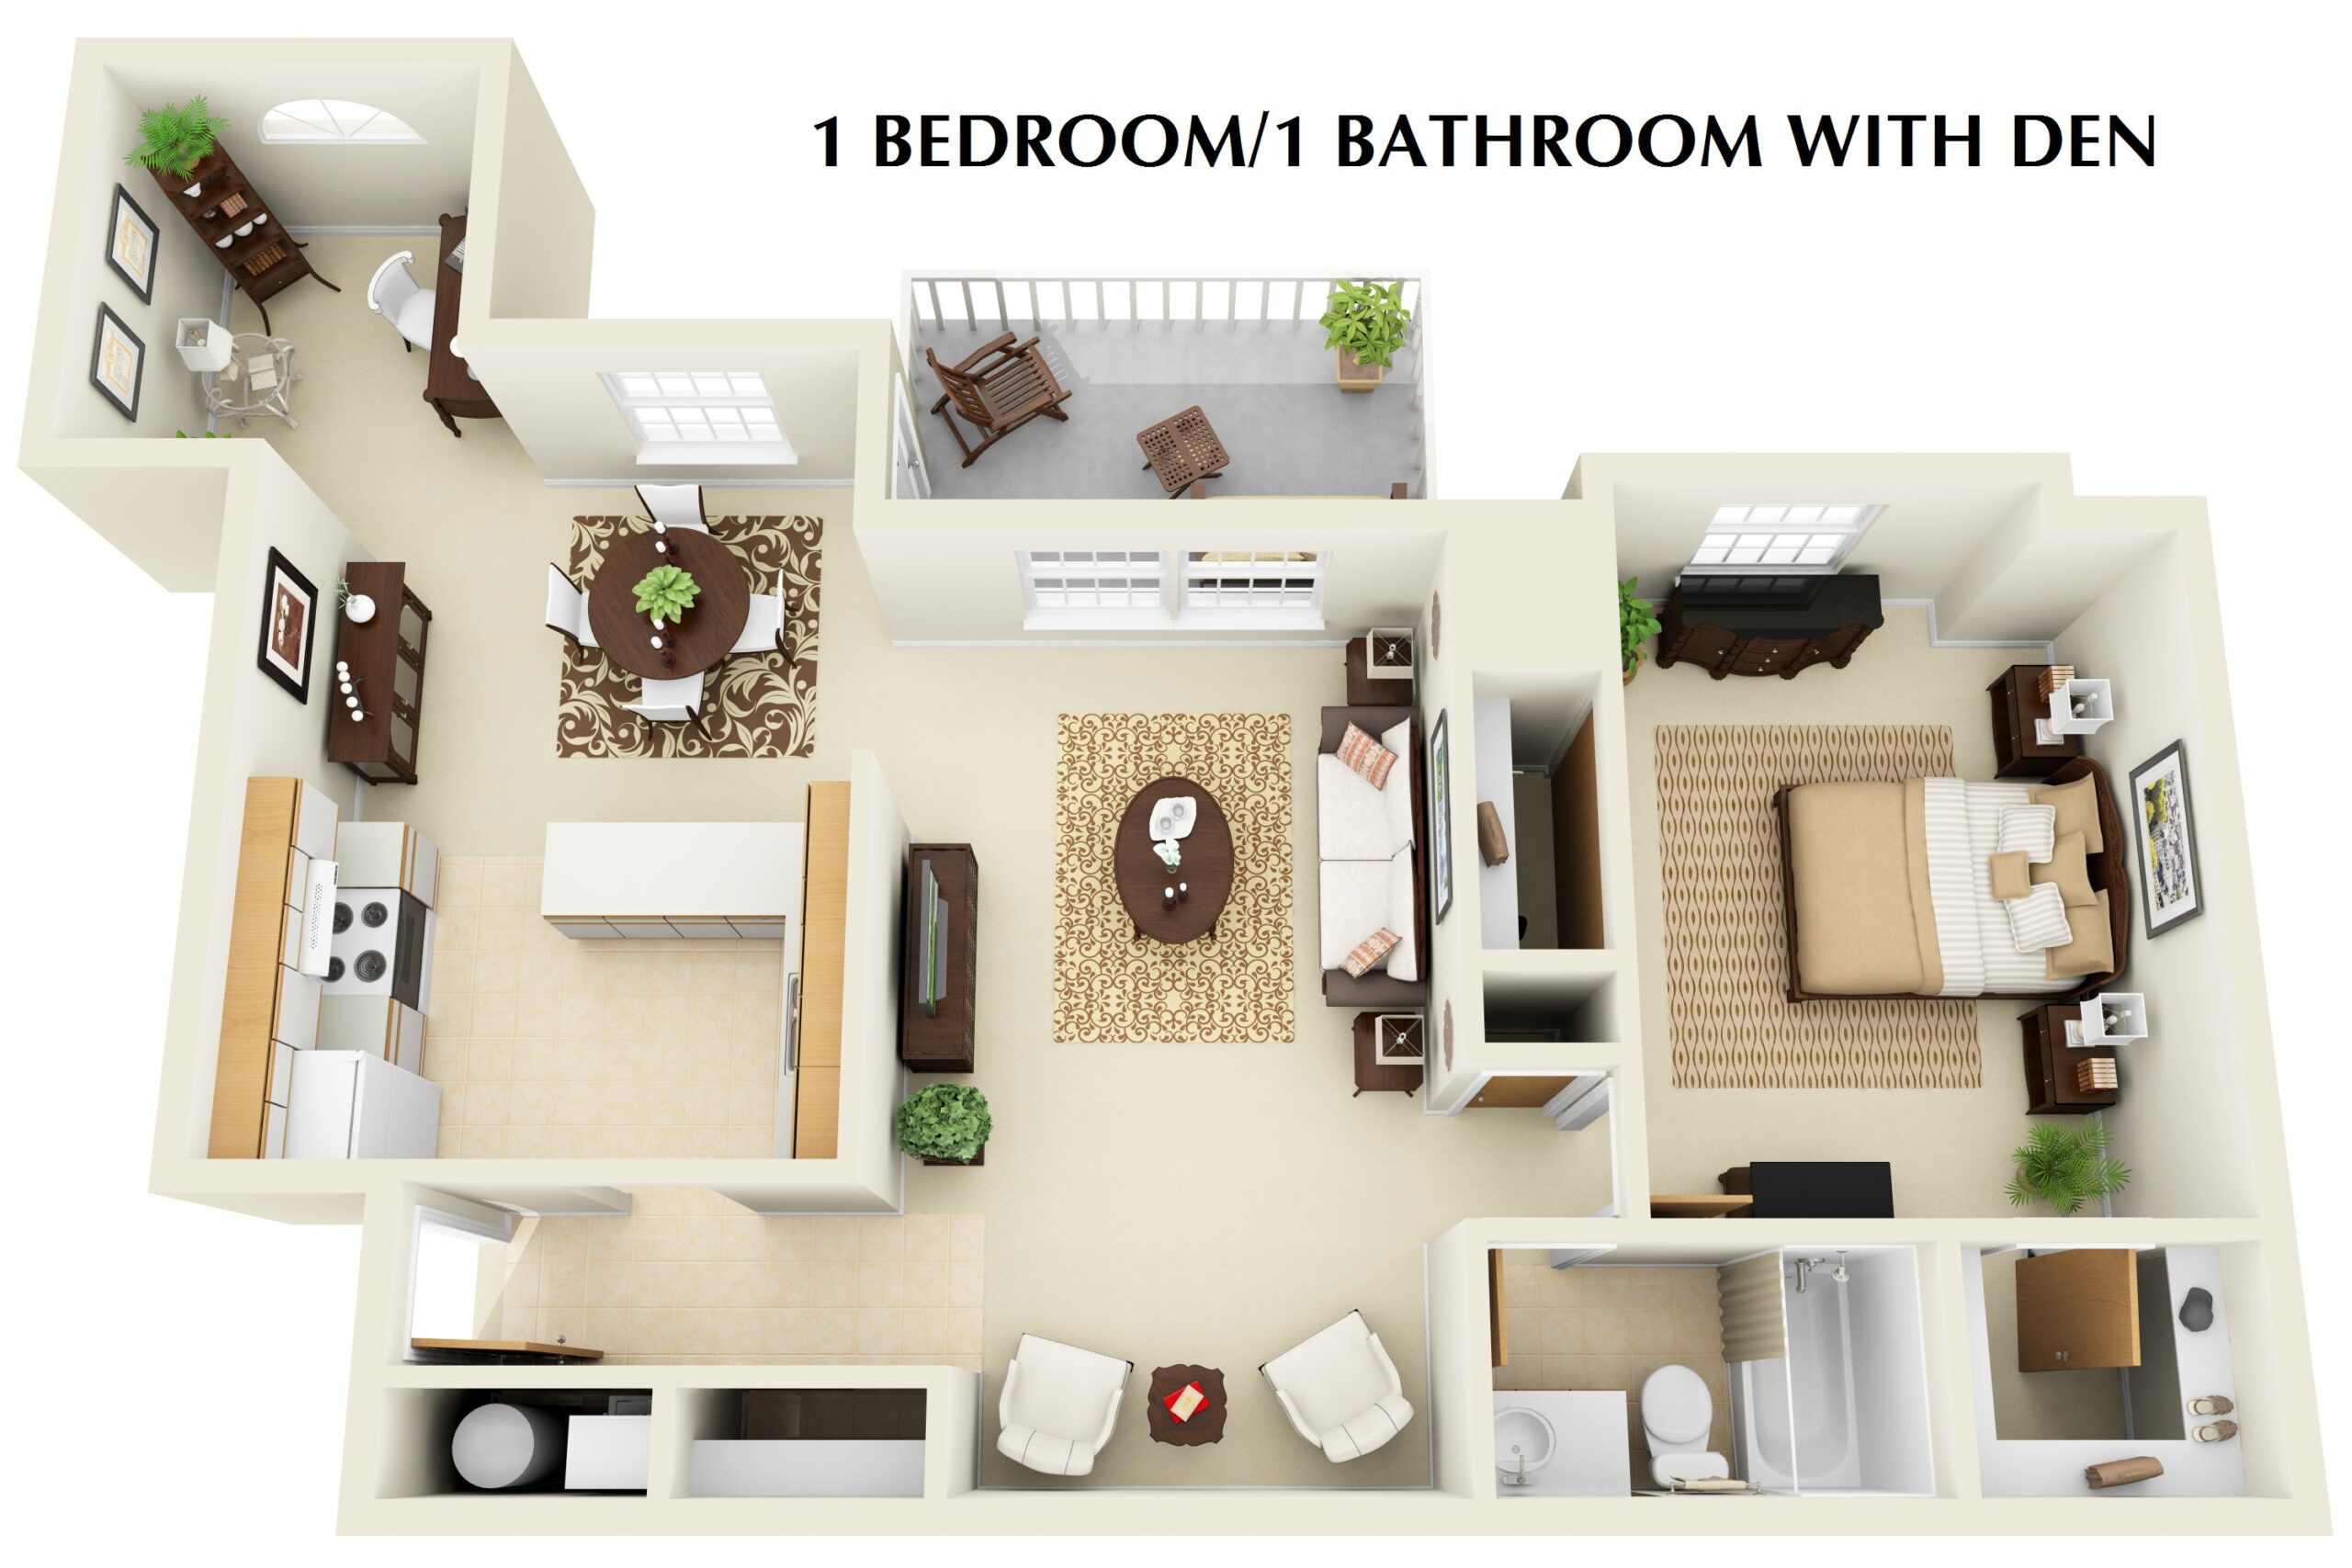 1 bedroom 1 bathroom with den